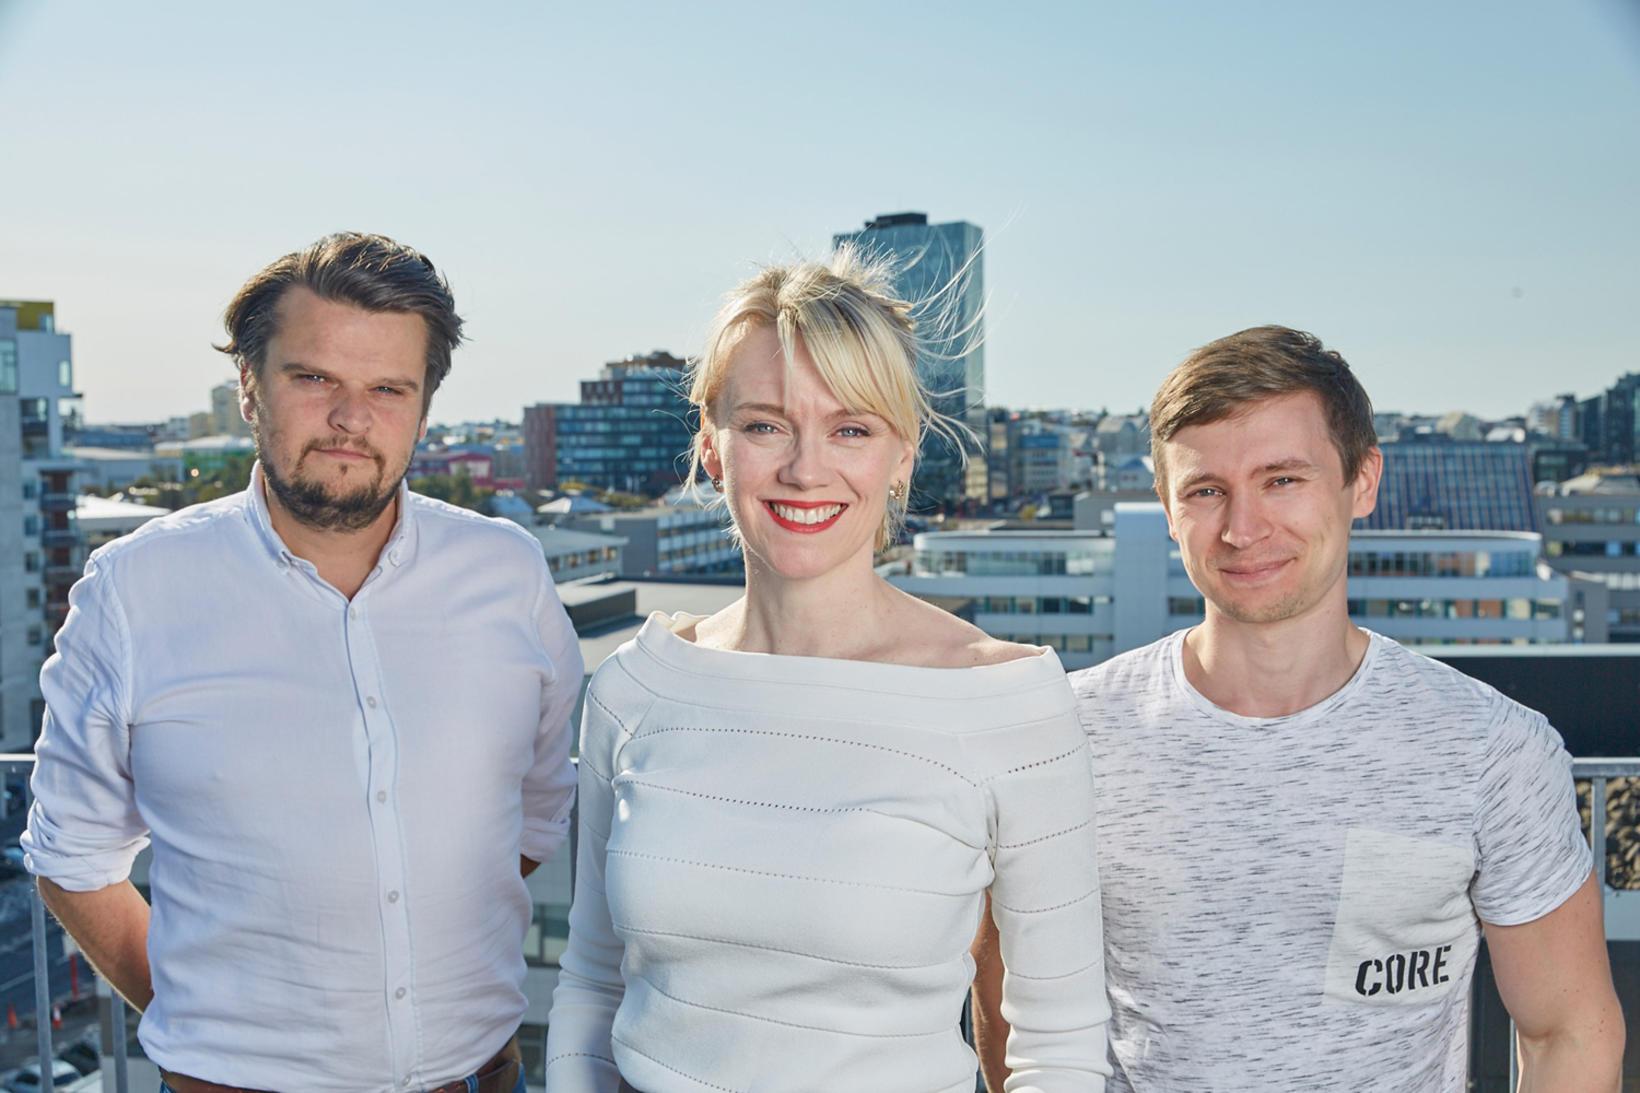 Hilmar Þór Birgisson, Margrét Júlíana Sigurðardóttir and Jón Gunnar Þórðarson ...